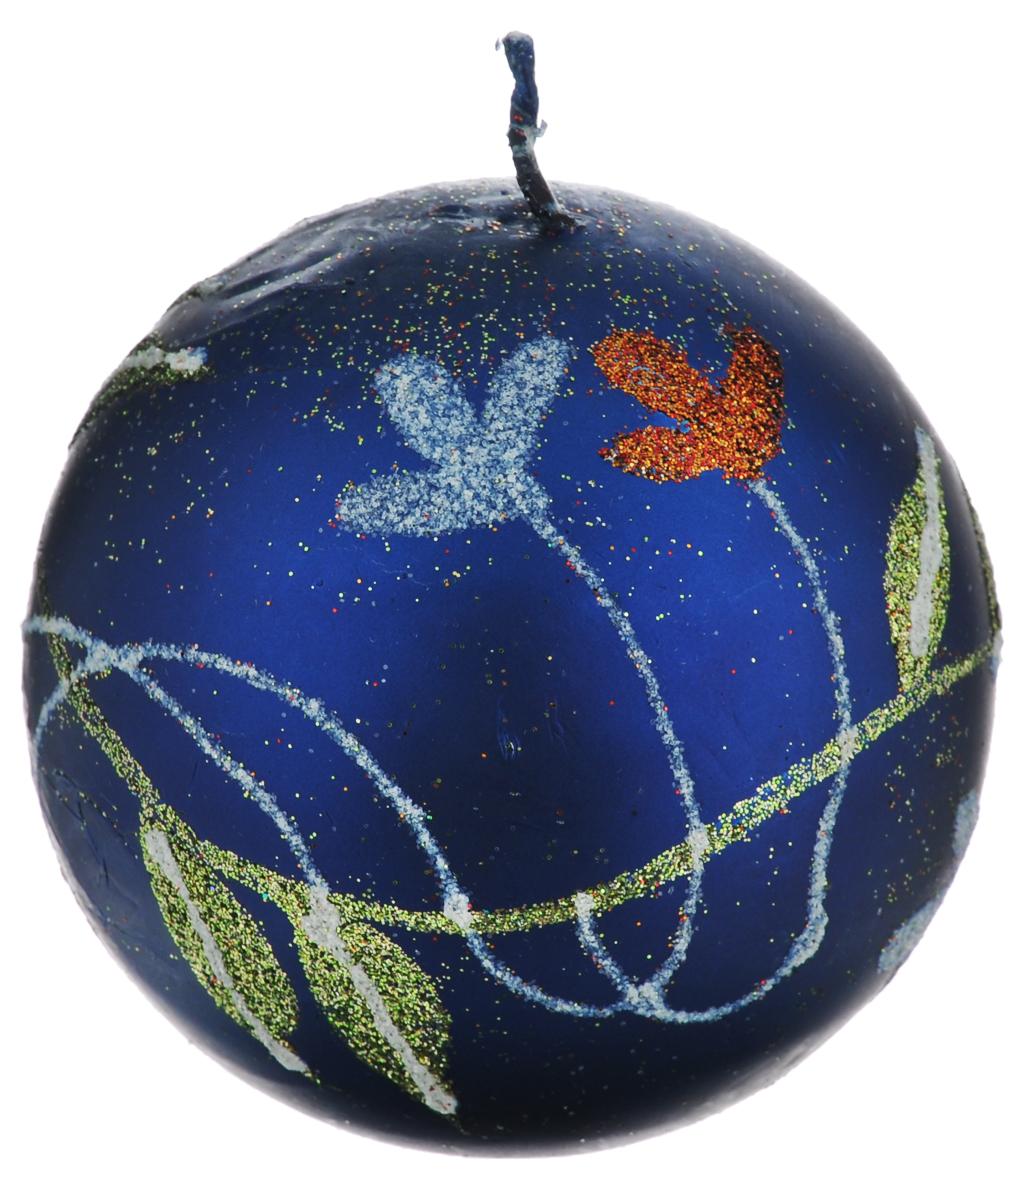 Свеча-шар Winter Wings Цветы, диаметр 7,3 смN162414Свеча-шар Winter Wings Цветы, изготовленная из парафина, станет прекрасным украшением интерьера помещения, создаст атмосферу таинственности и загадочности. Свеча имеет форму шара, украшена красивым цветочным рисунком, покрытым разноцветным глиттером.